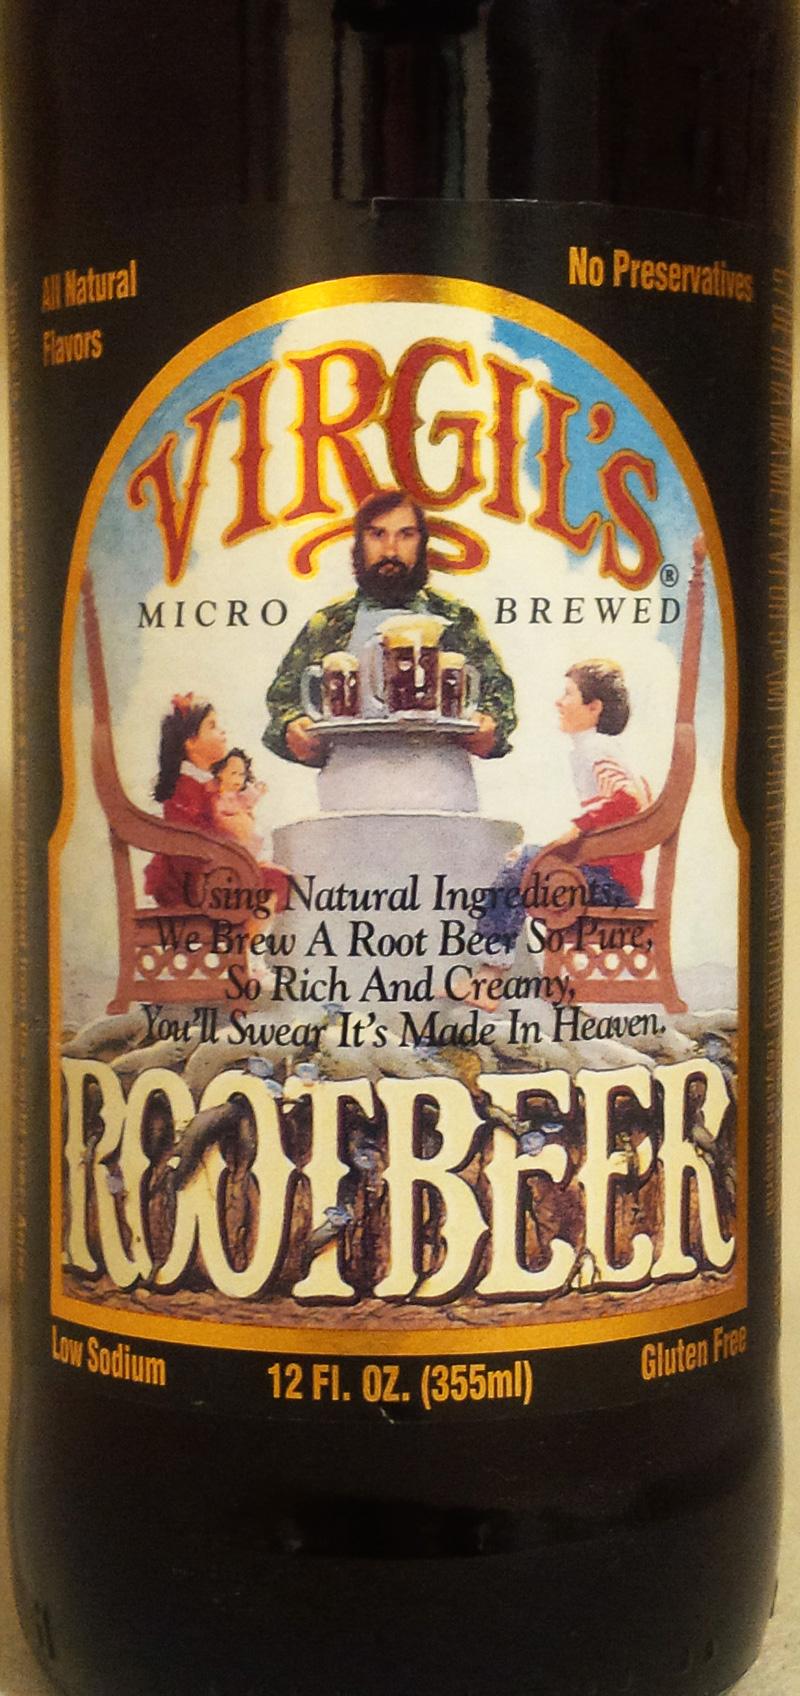 Virgil's Micro Brewed Root Beer